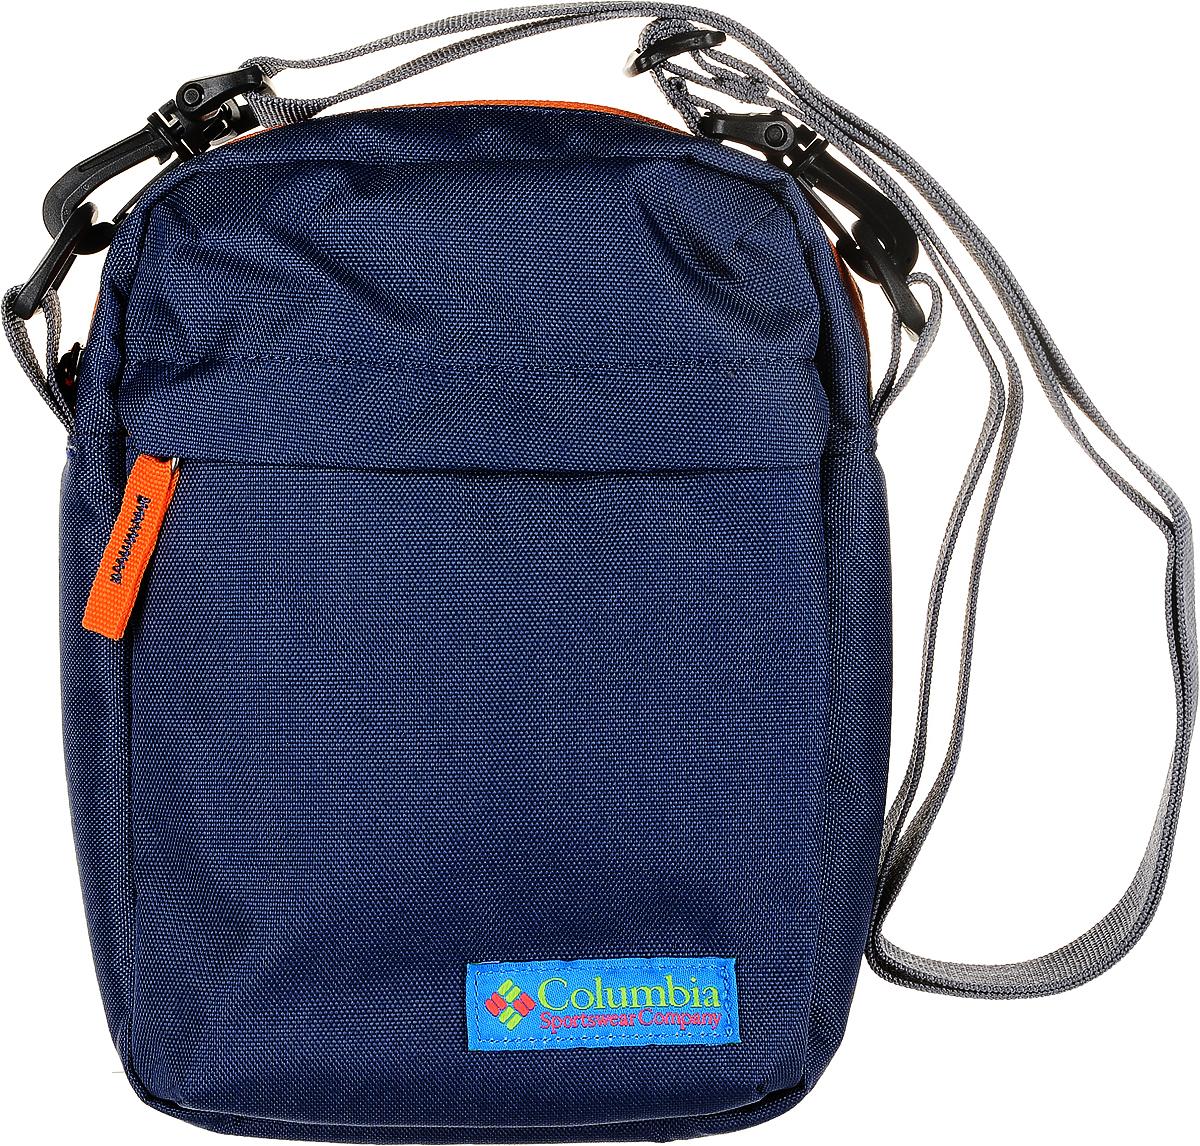 Сумка на плечо Columbia  Urban Uplift Side Bag , цвет: темно-синий. 1724821-492 - Сумки на пояс / плечо